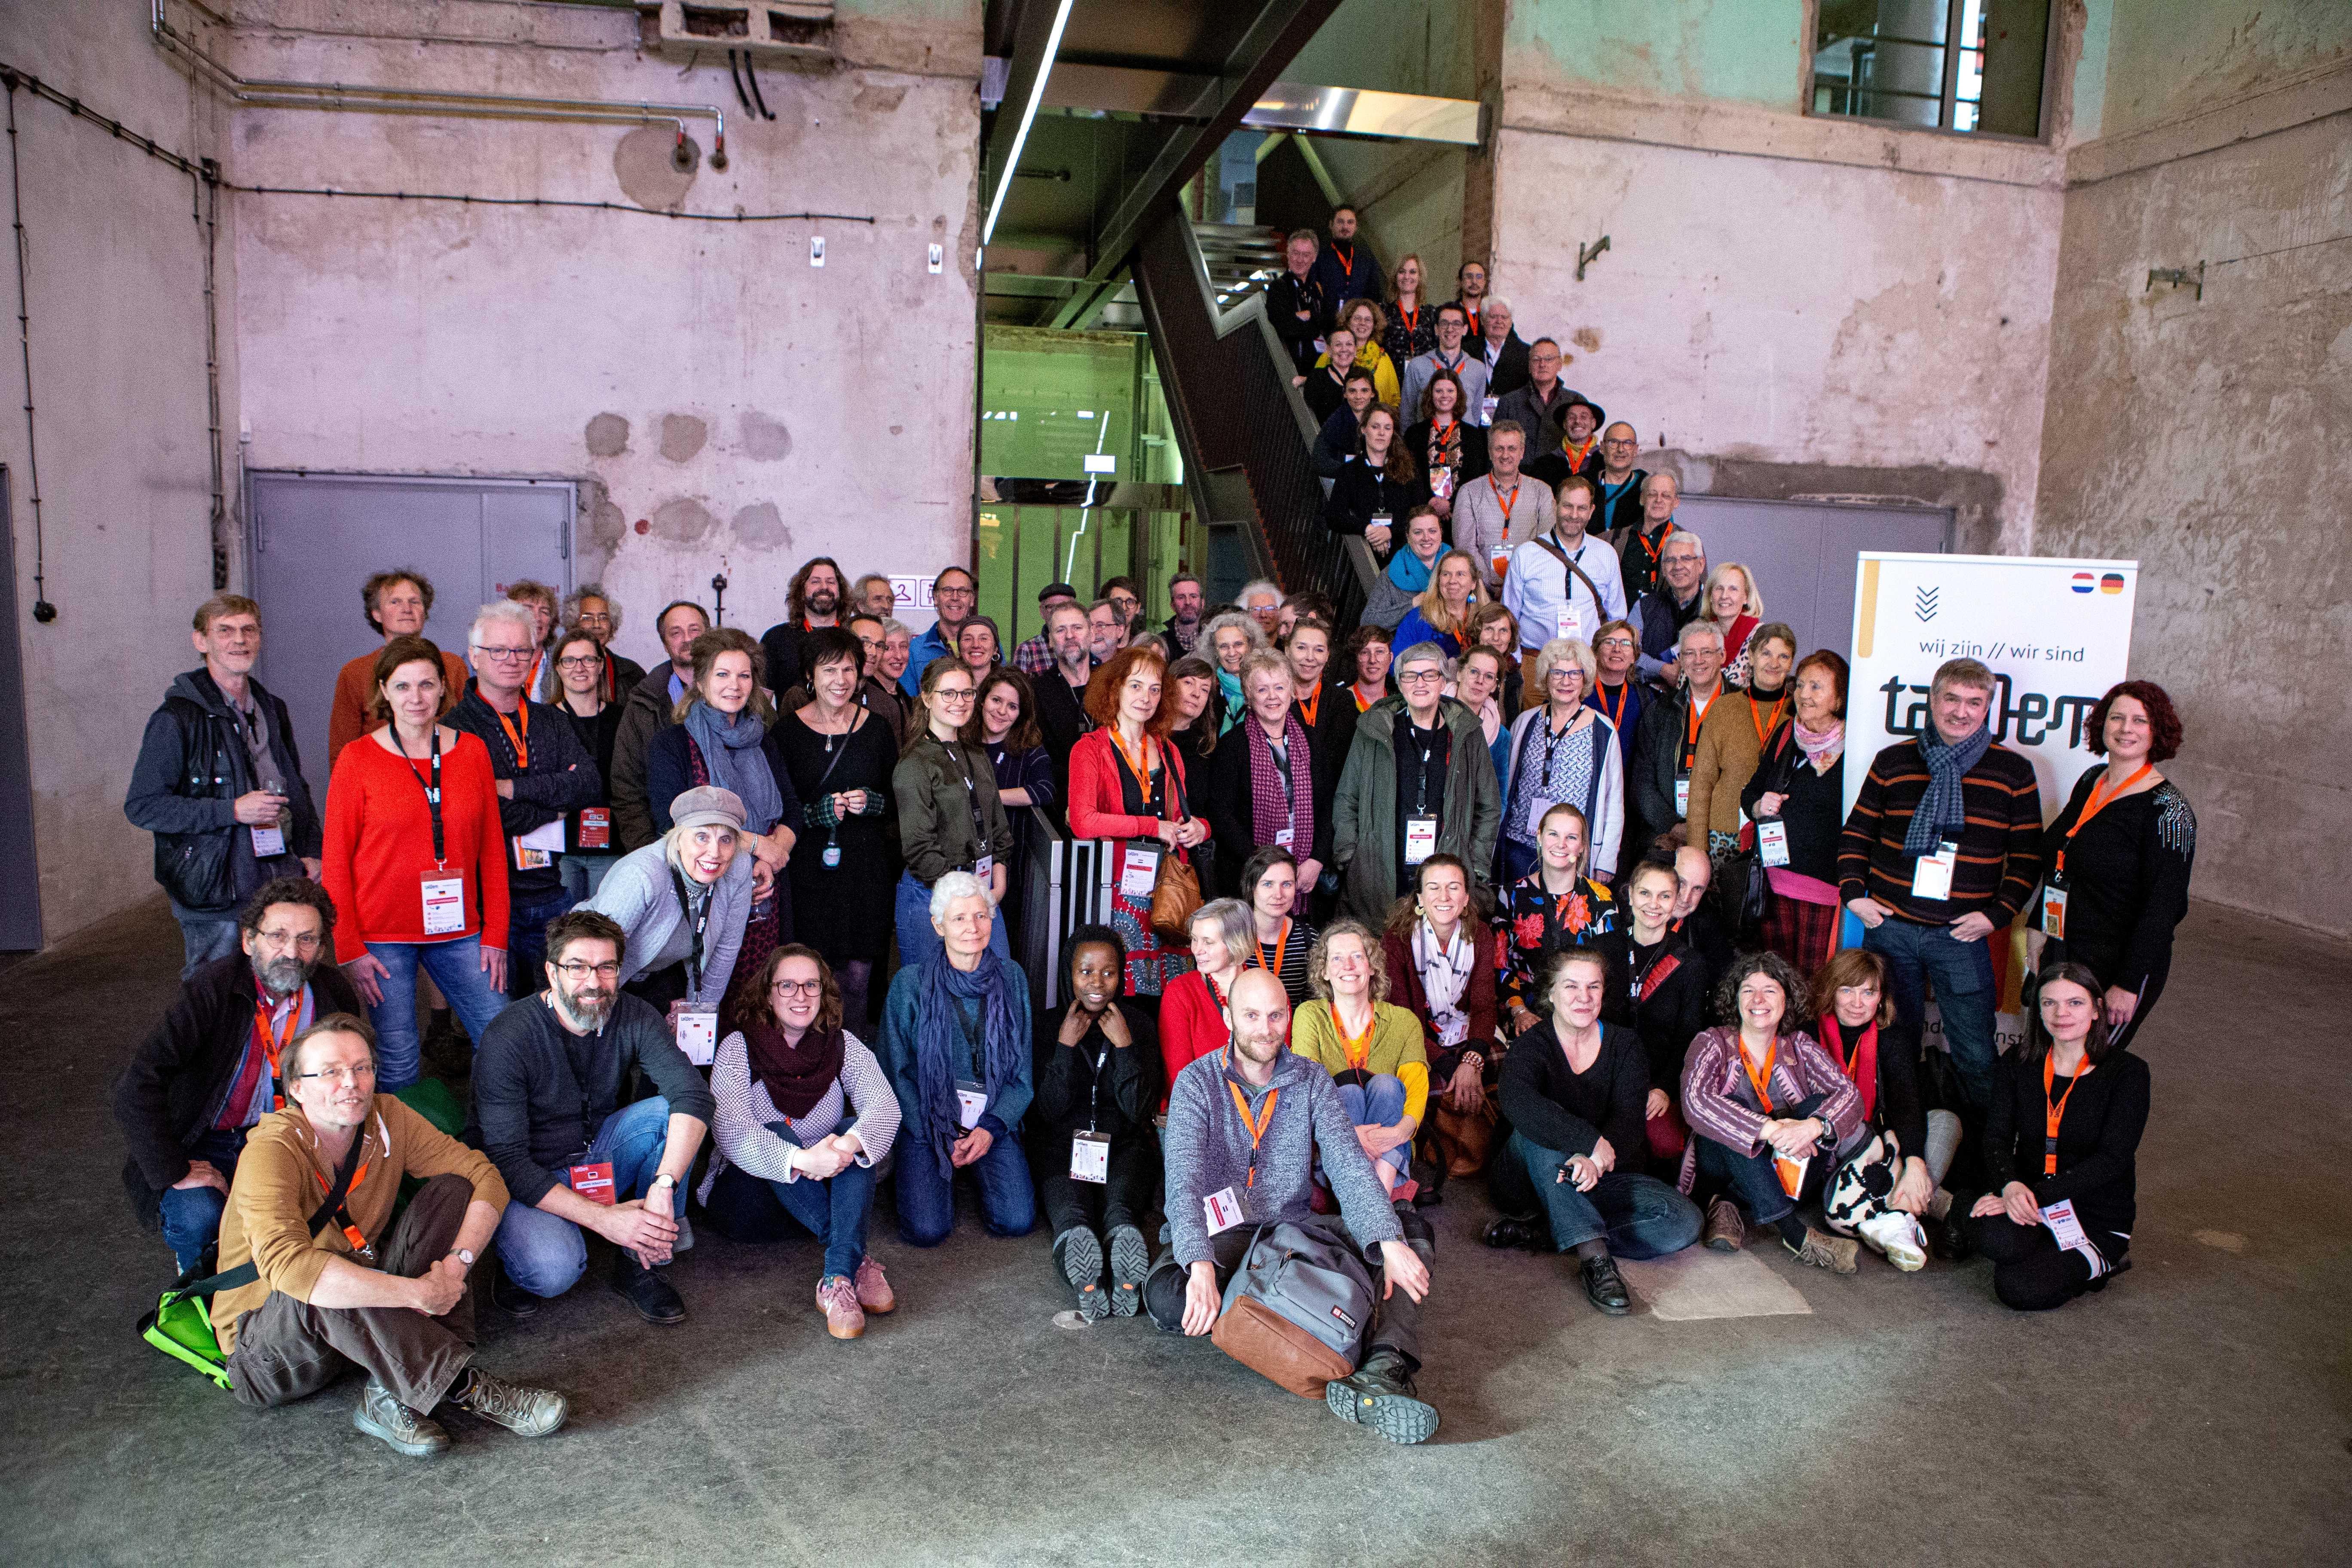 Het paradijs: netwerken en inspiratie opdoen bij grensoverschrijdend kunstproject taNDem